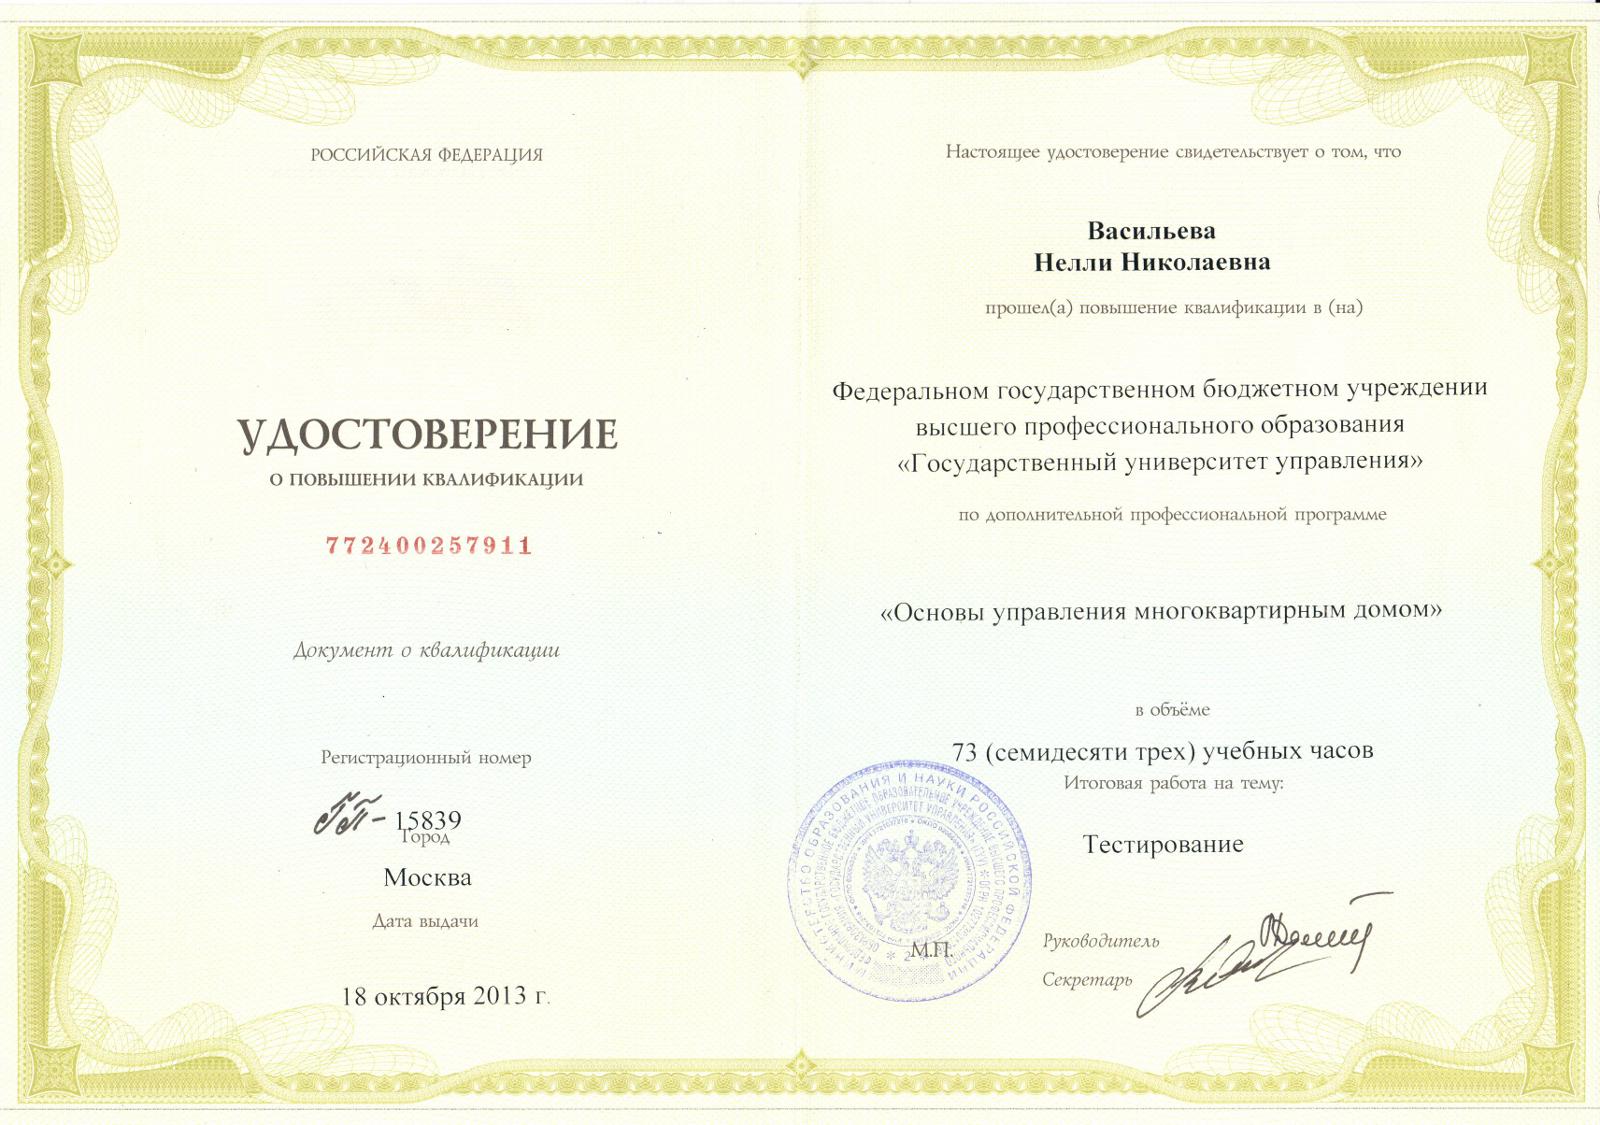 Marmot 490 курсы повышения квалификации для экономистов в томске того что Вам